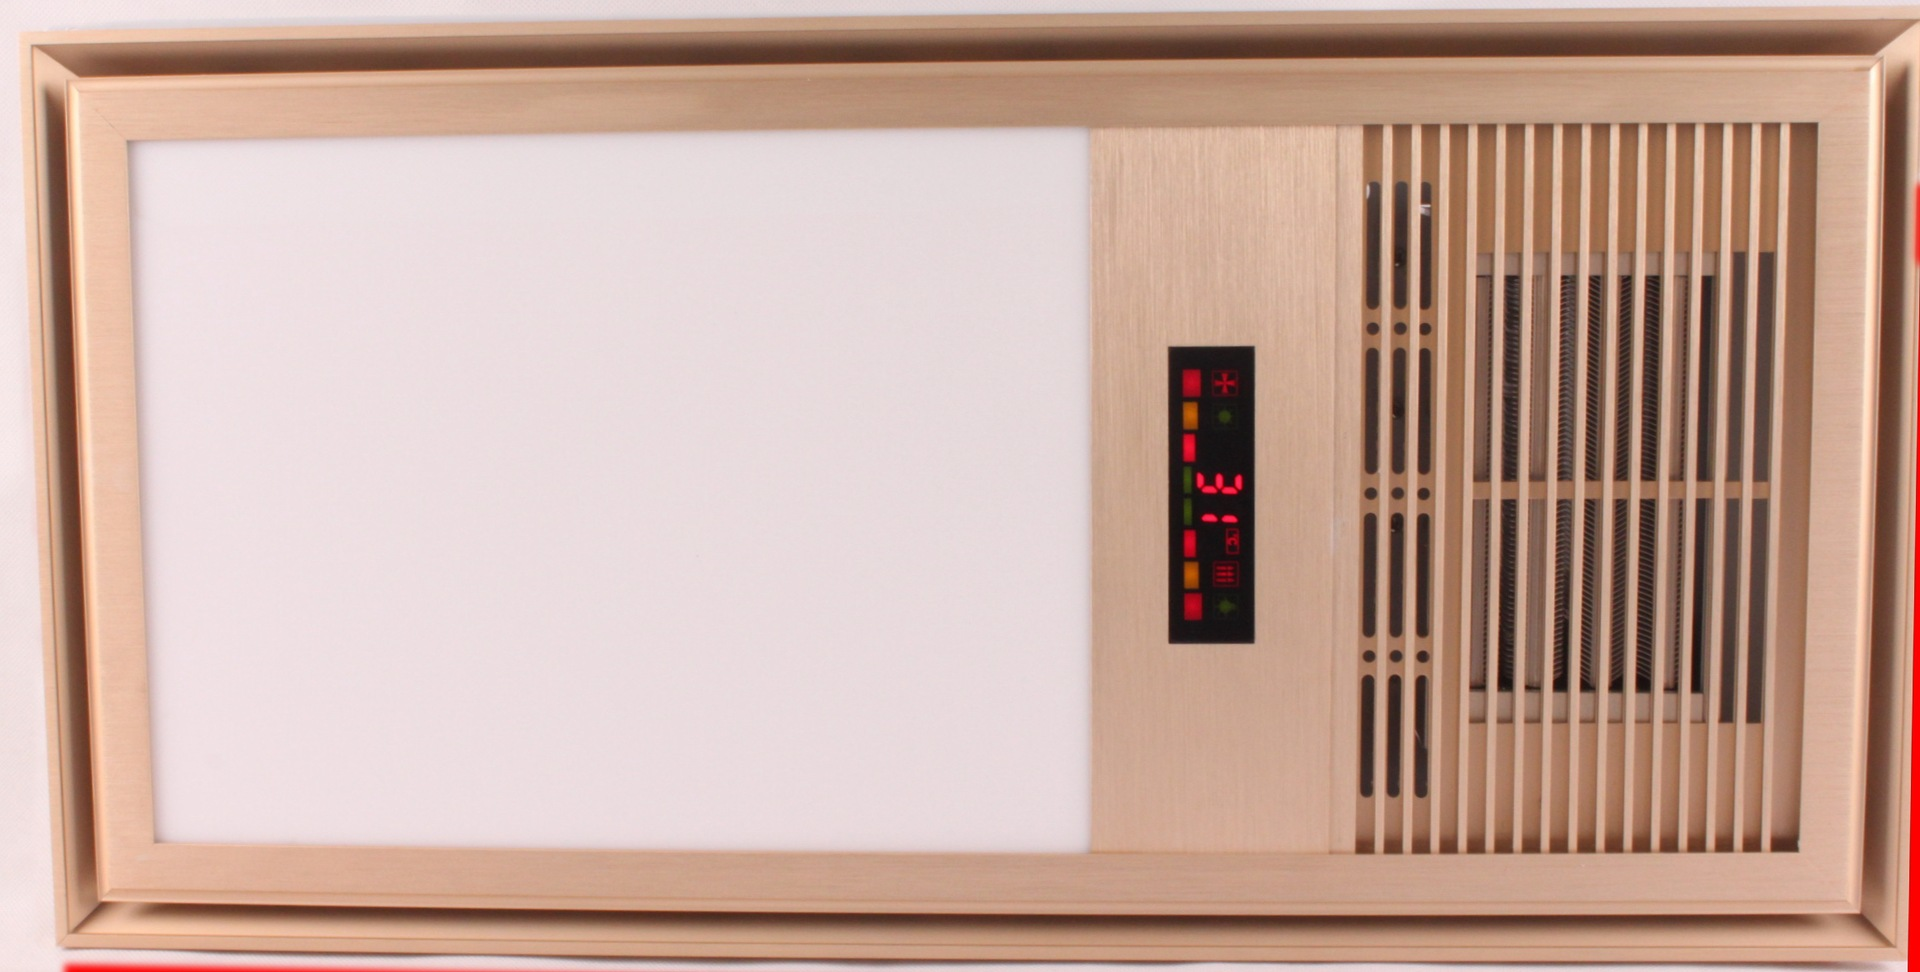 2014最新款 土豪金 超导LED 智能温度显示 超大功率 取暖照明换气